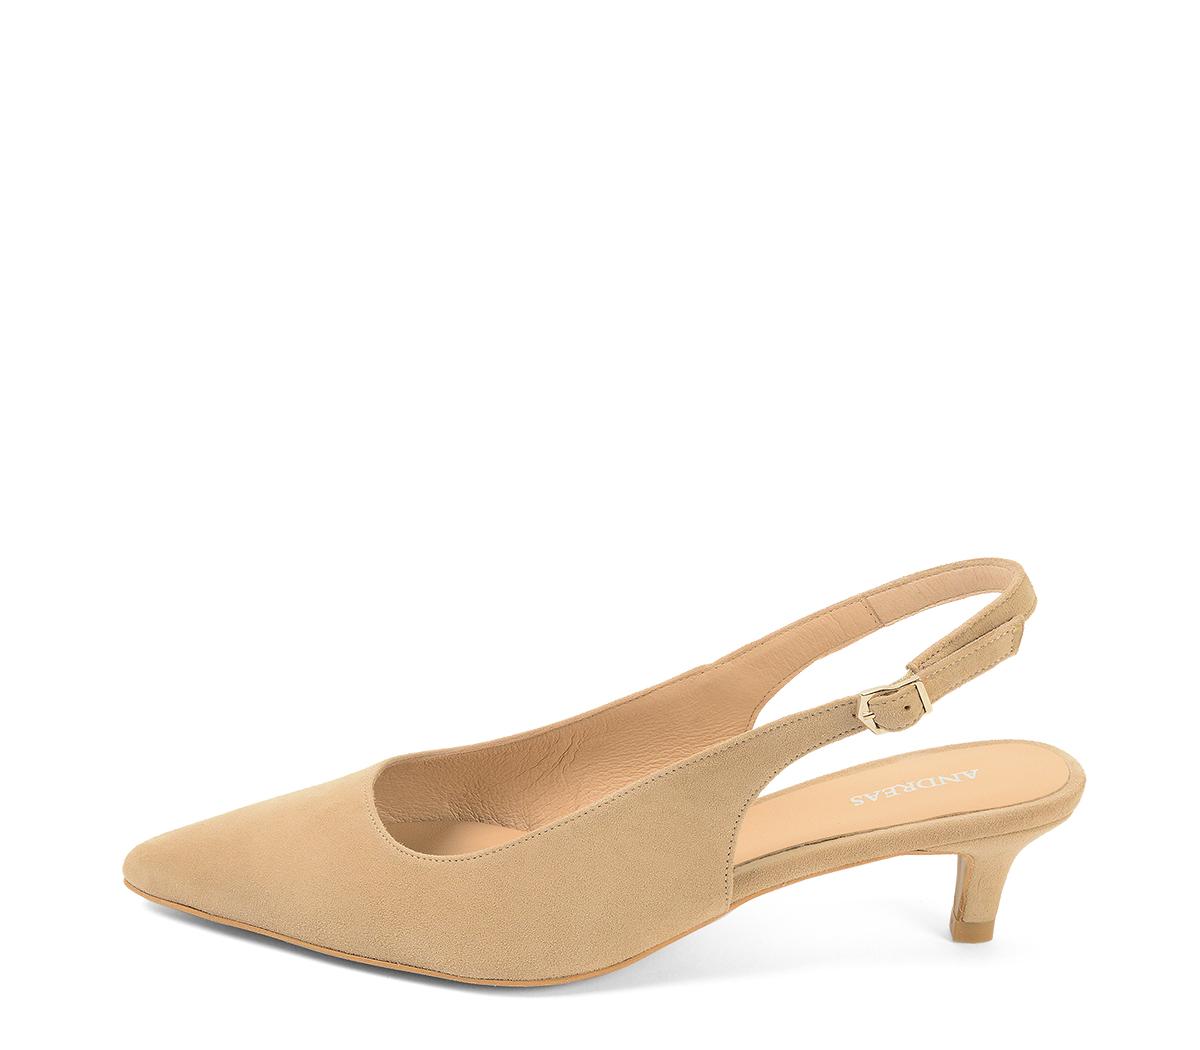 36b3d3f0 4221 Zapato salón ante visón destalonado. Detalle hebilla lateral dorada.  Puntera acabada en punta.